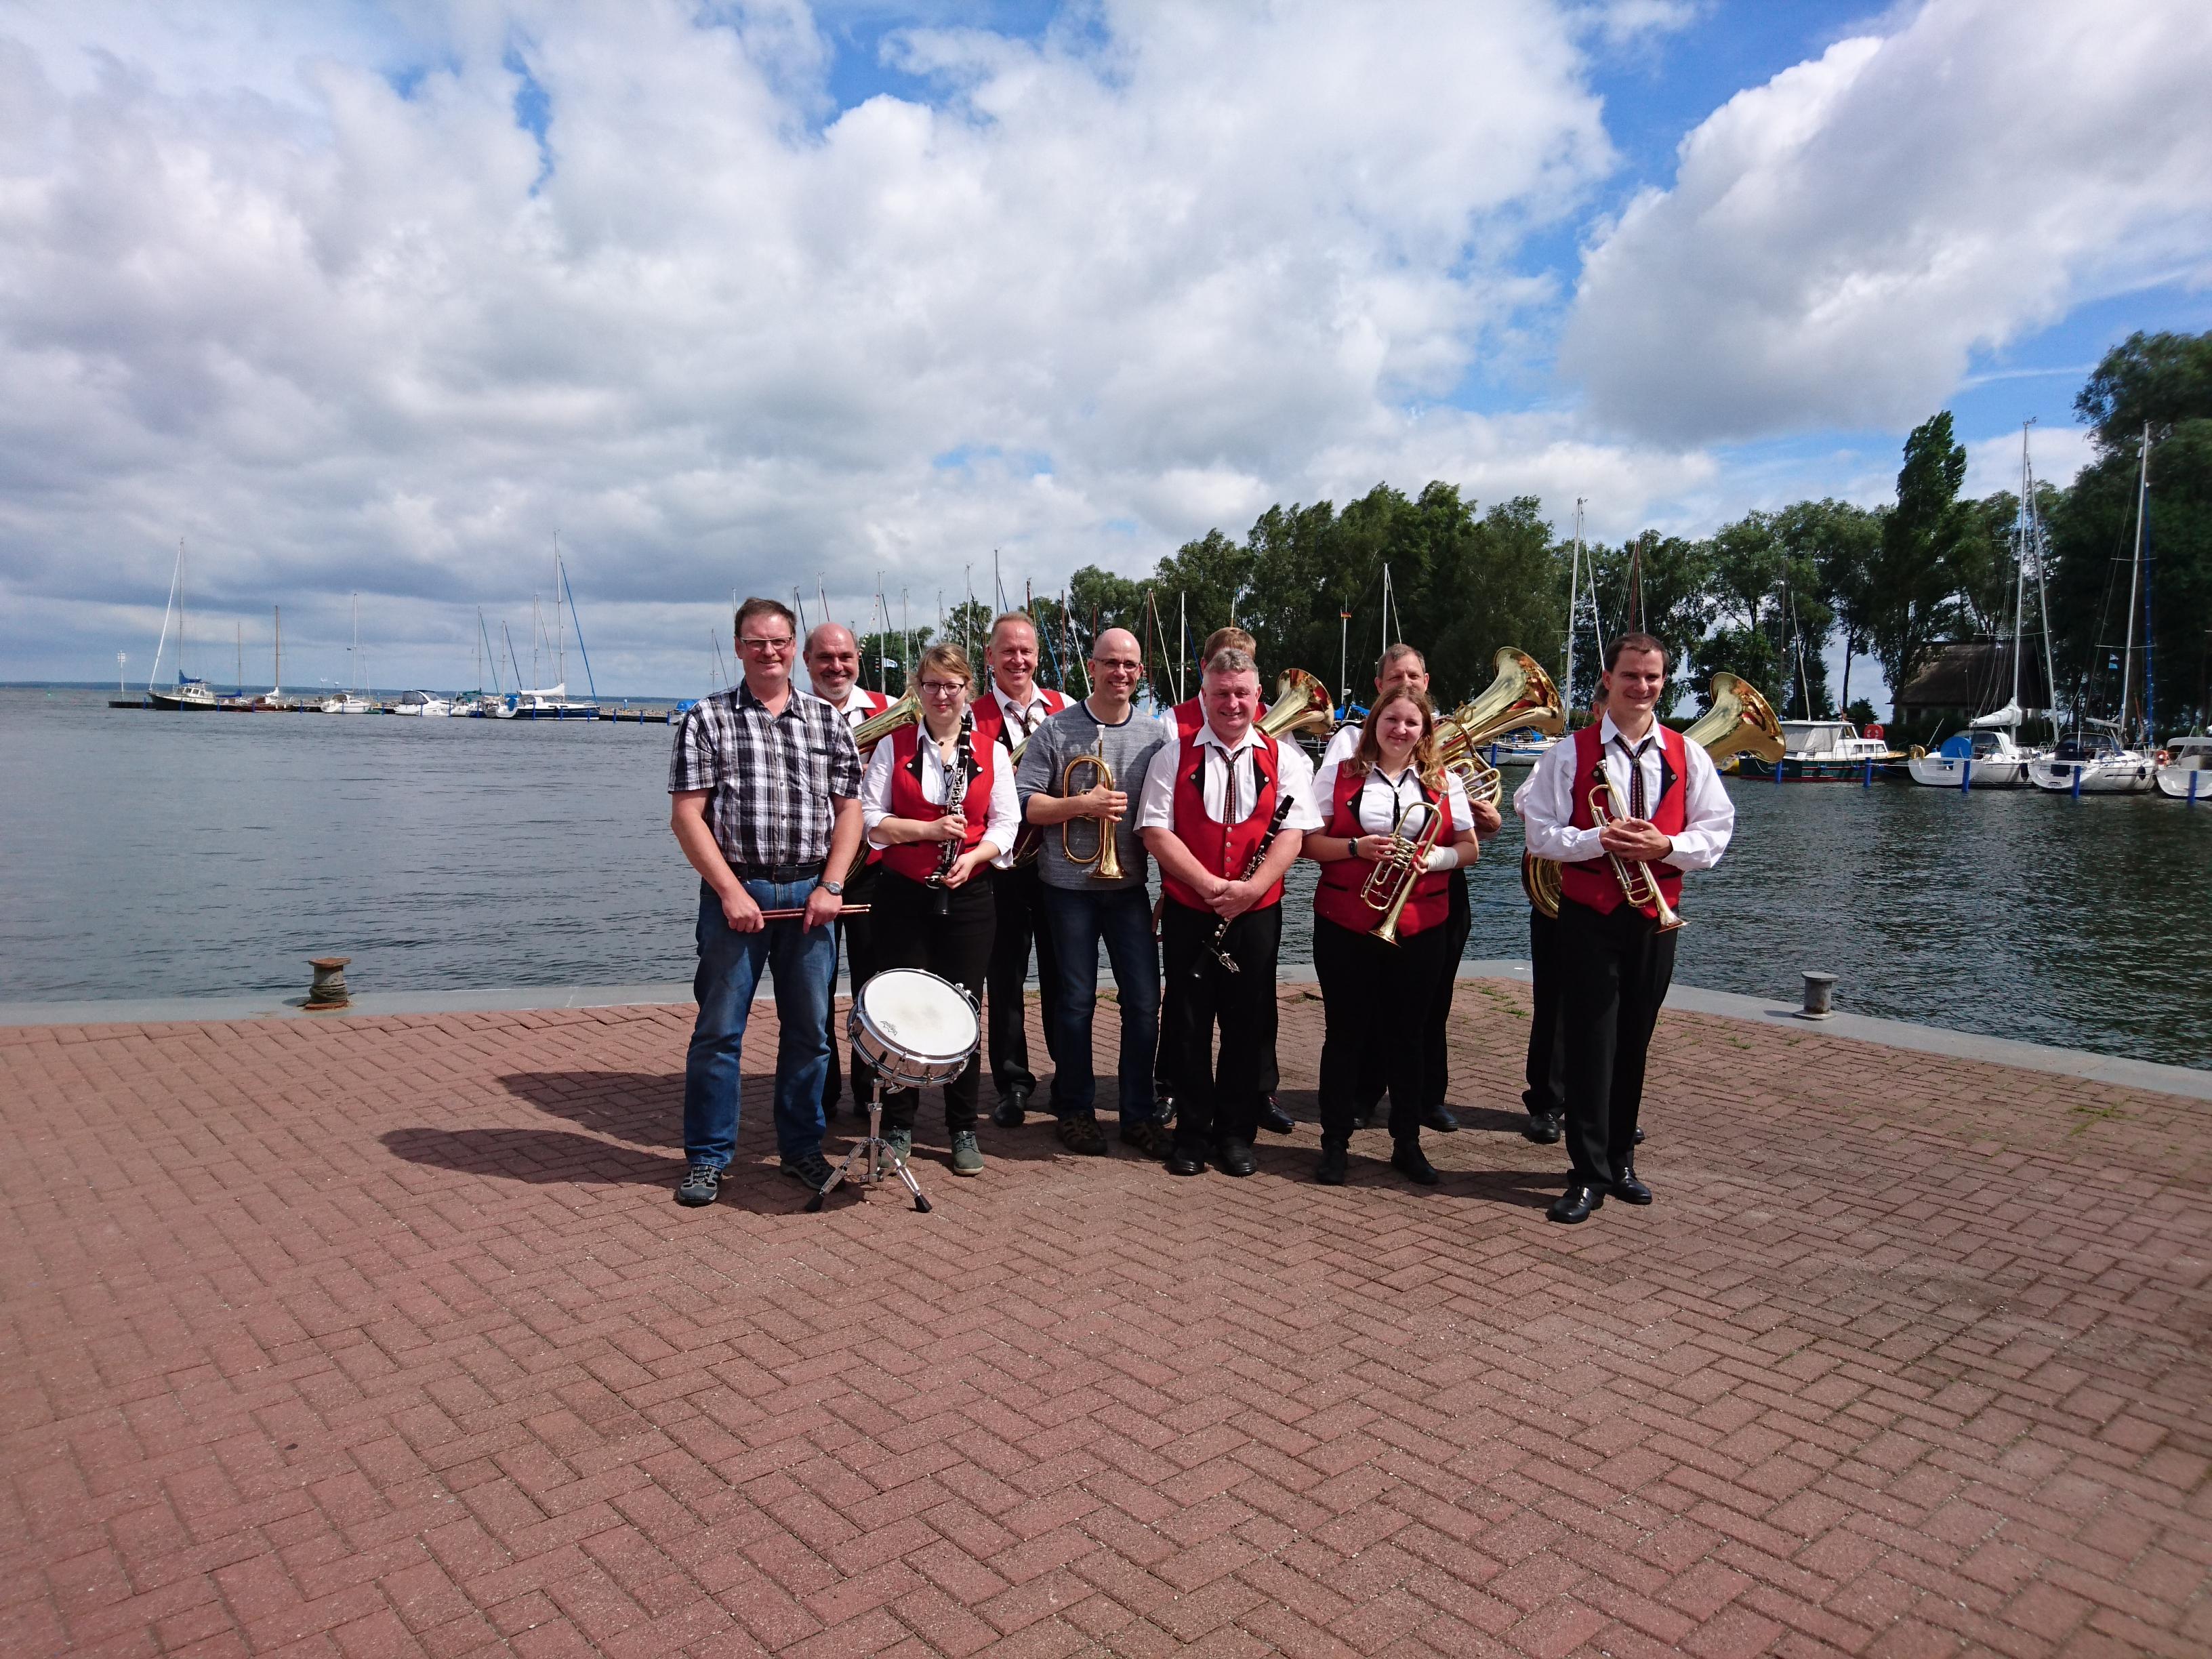 Die Eichsfeldmusikanten am Stettiner Haff in Mönkebude